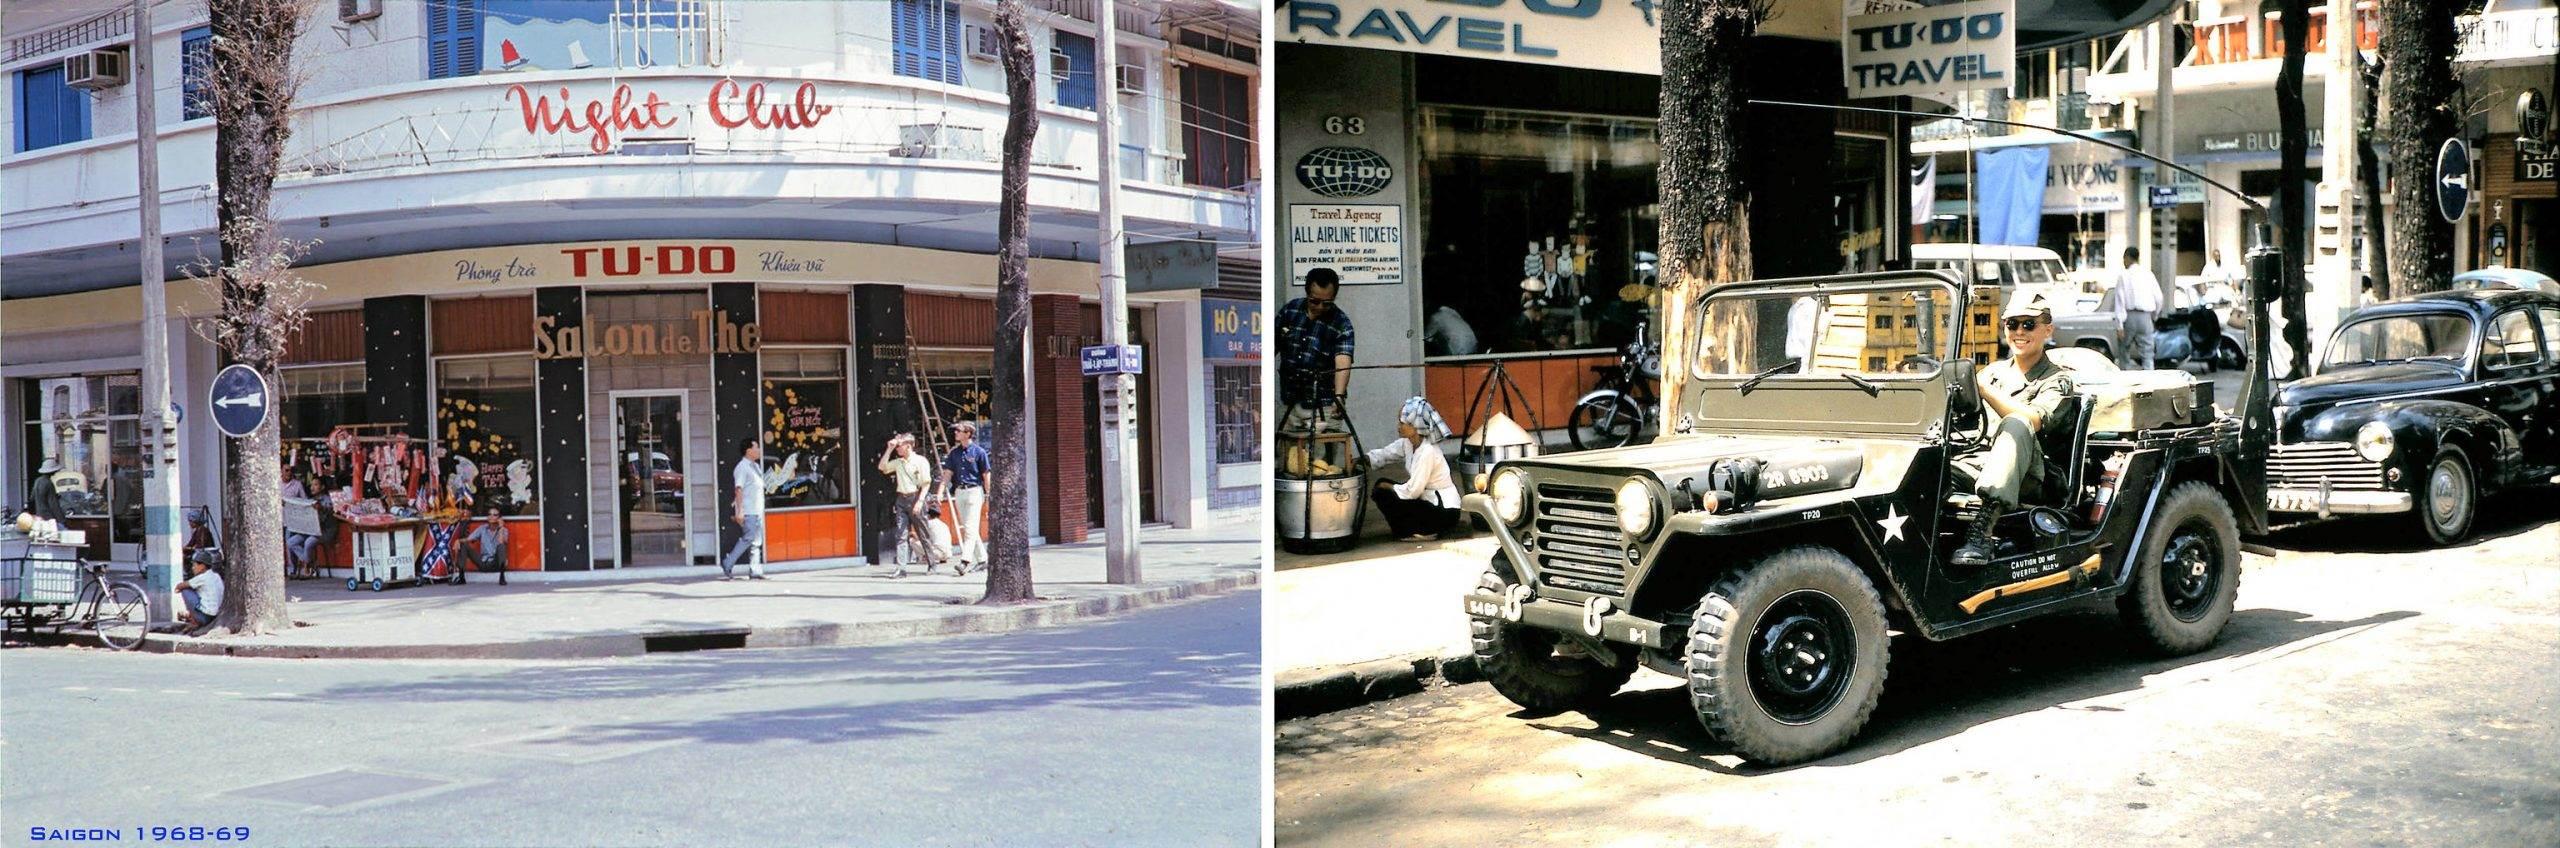 SAIGON 1968-69 - Nhà hàng & phòng trà Tự Do góc Tự Do-Thái Lập Thành